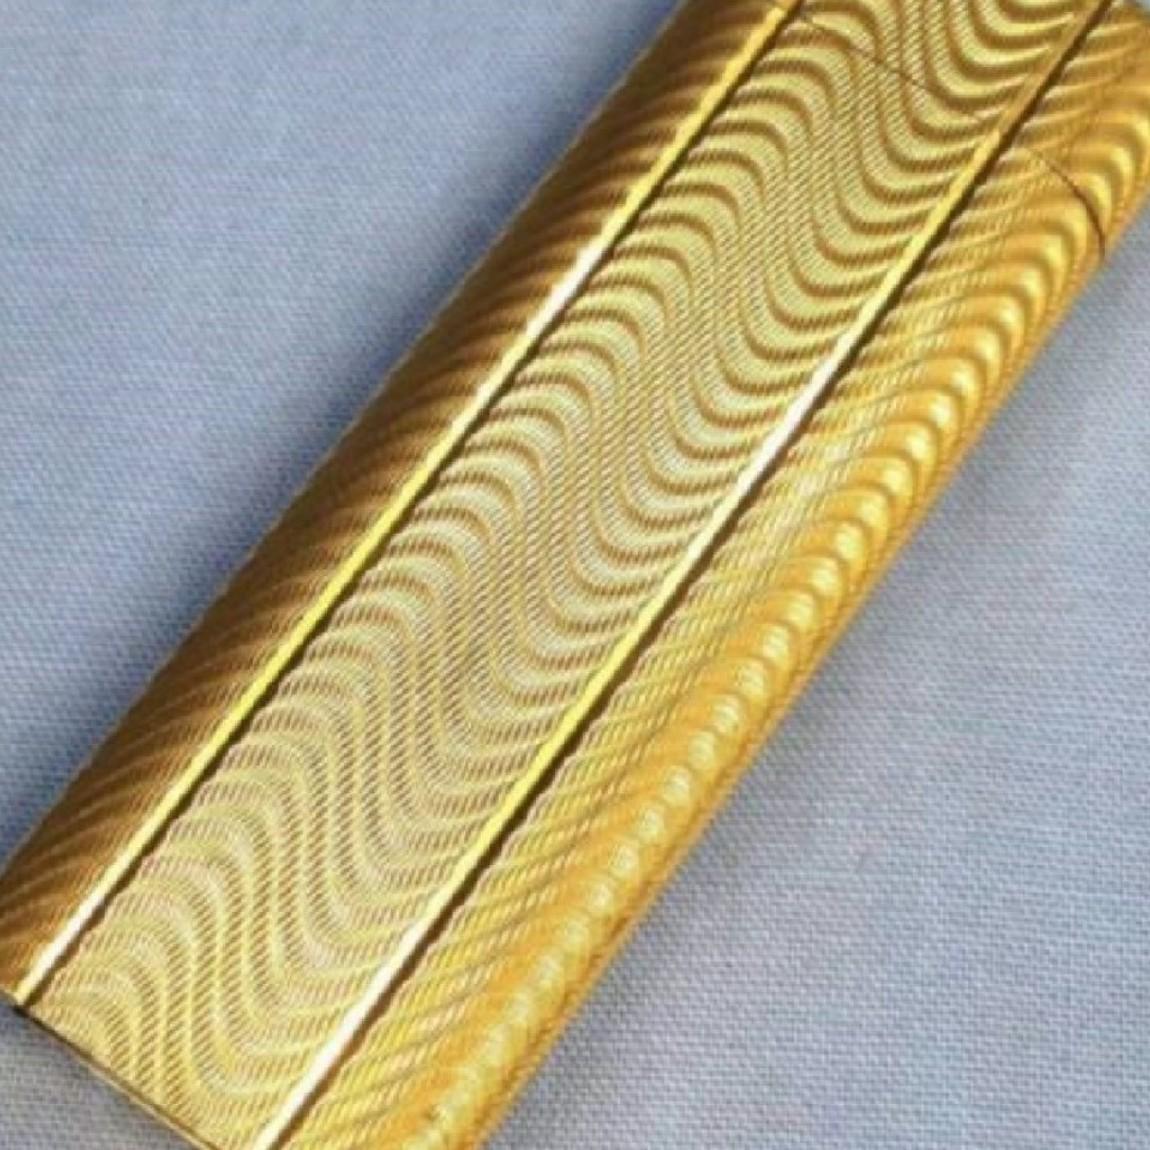 【中古】本物完動美品カルティエ7cm楕円金色横波型模様お洒落なライター○D9-107